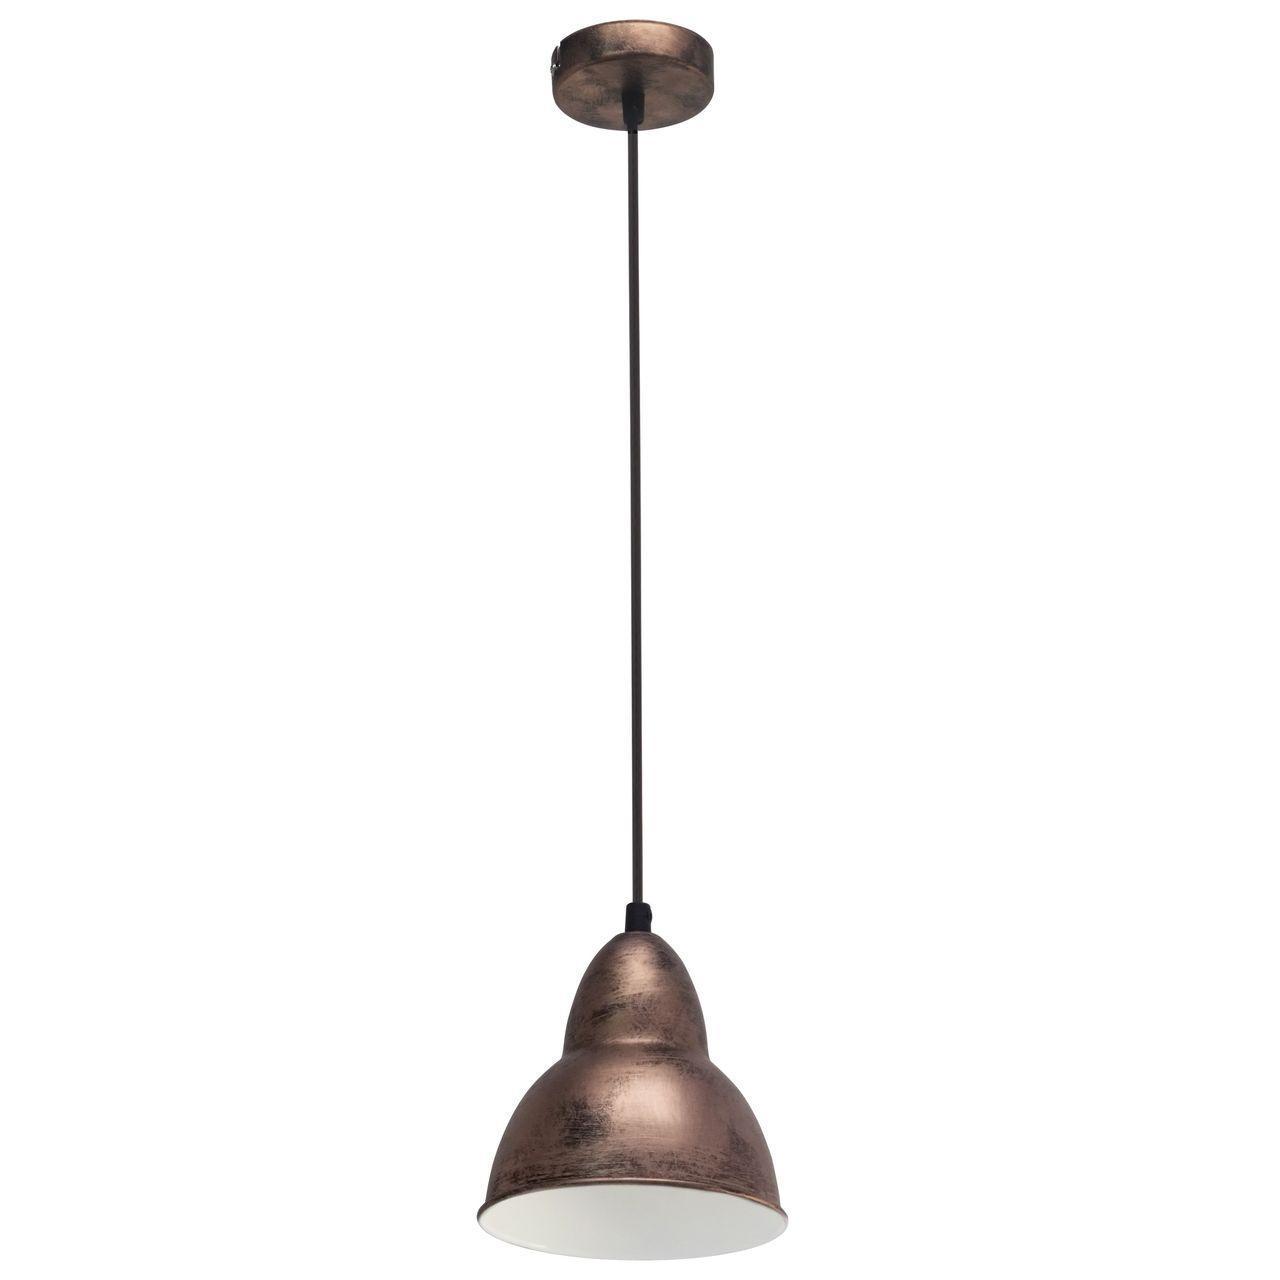 Подвесной светильник Eglo Vintage 49235 подвесной светильник eglo vintage 49235